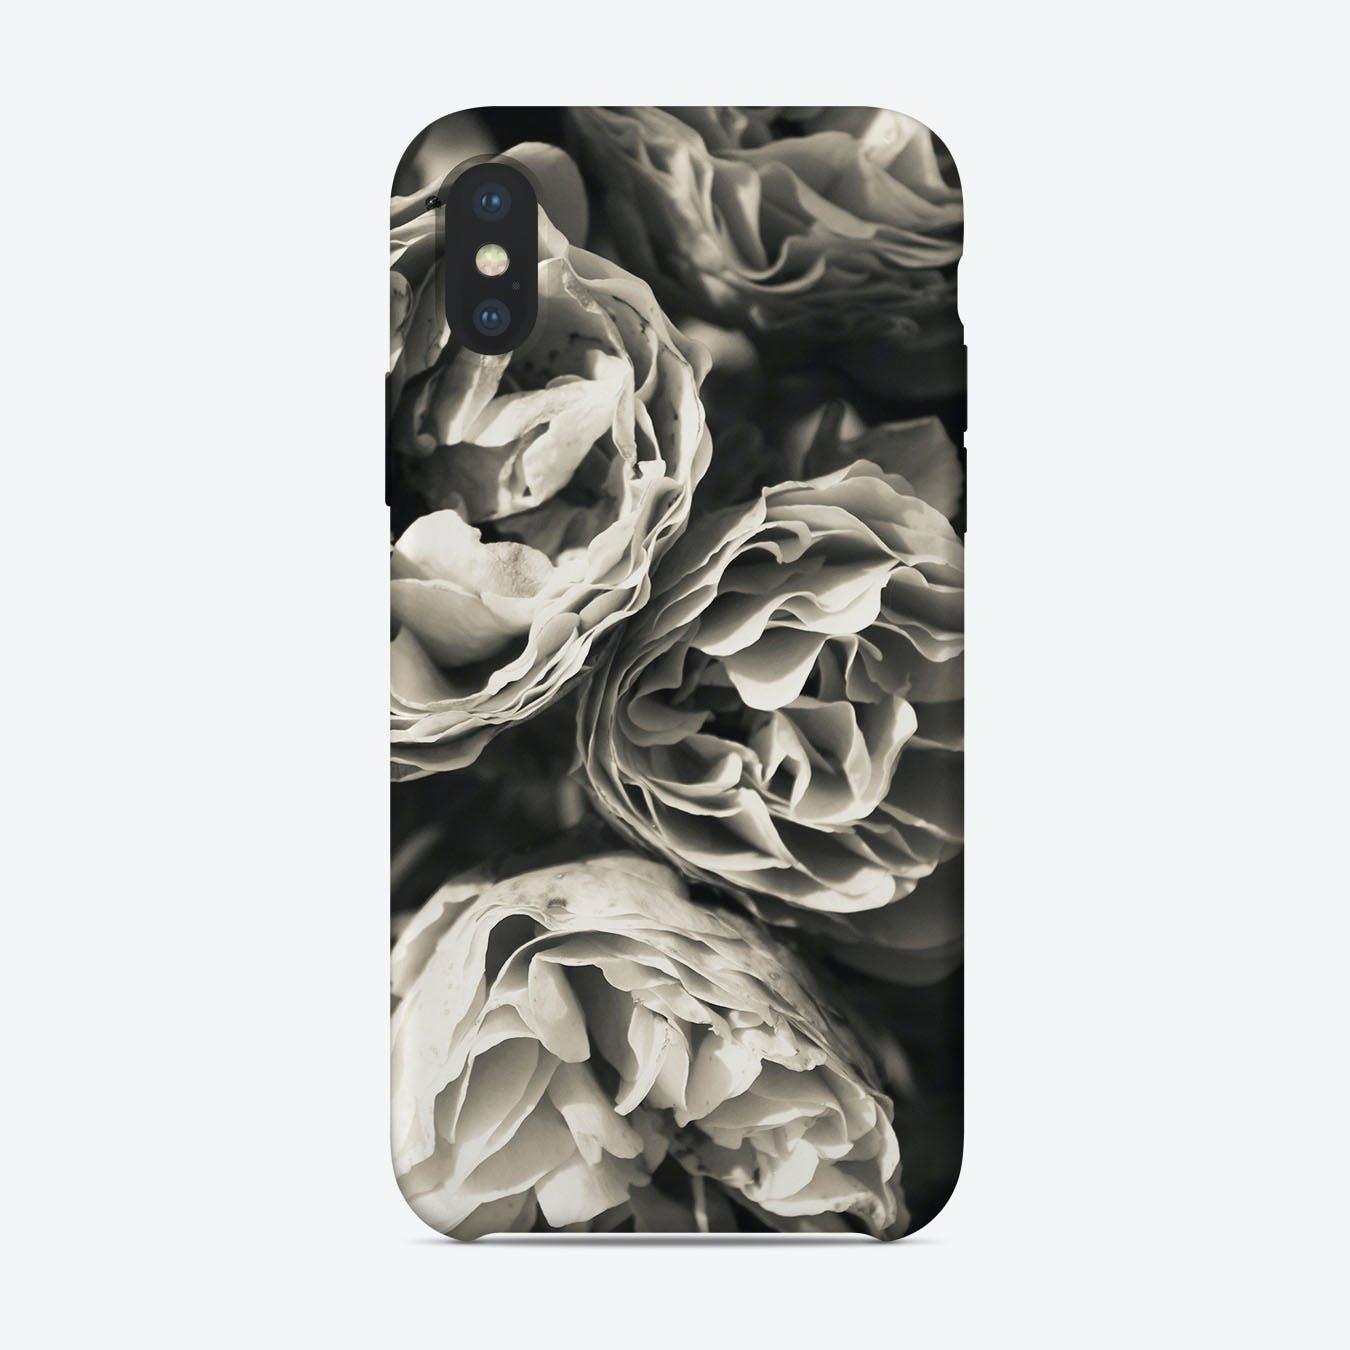 Petals iPhone Case